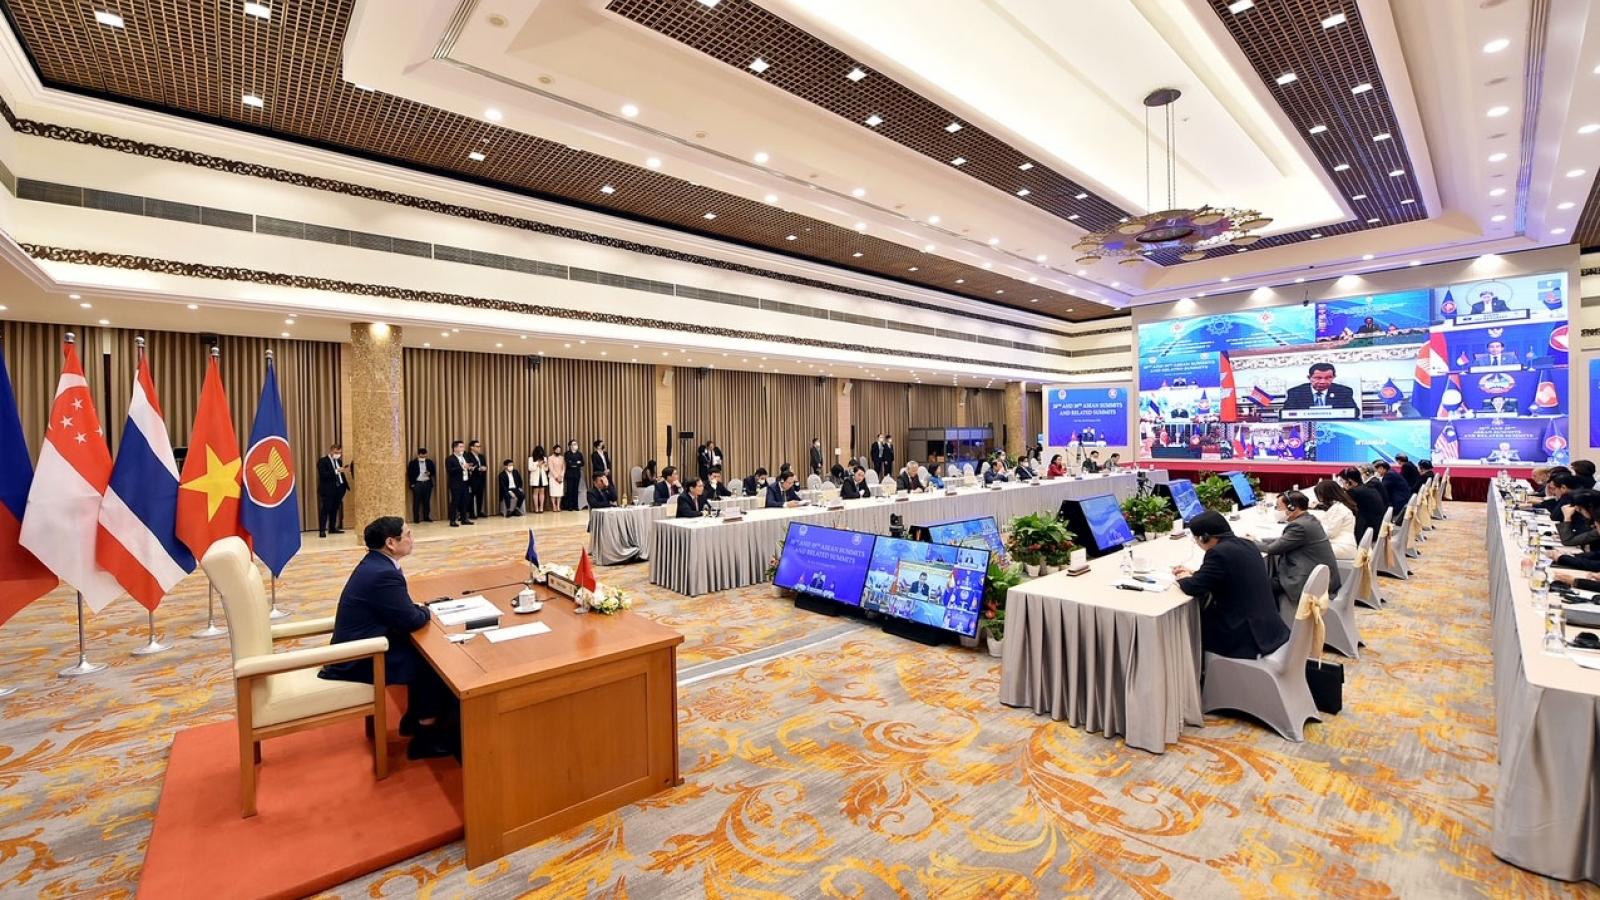 """Chủ đề ASEAN 2022: """"ASEAN hành động cùng ứng phó các thách thức"""""""